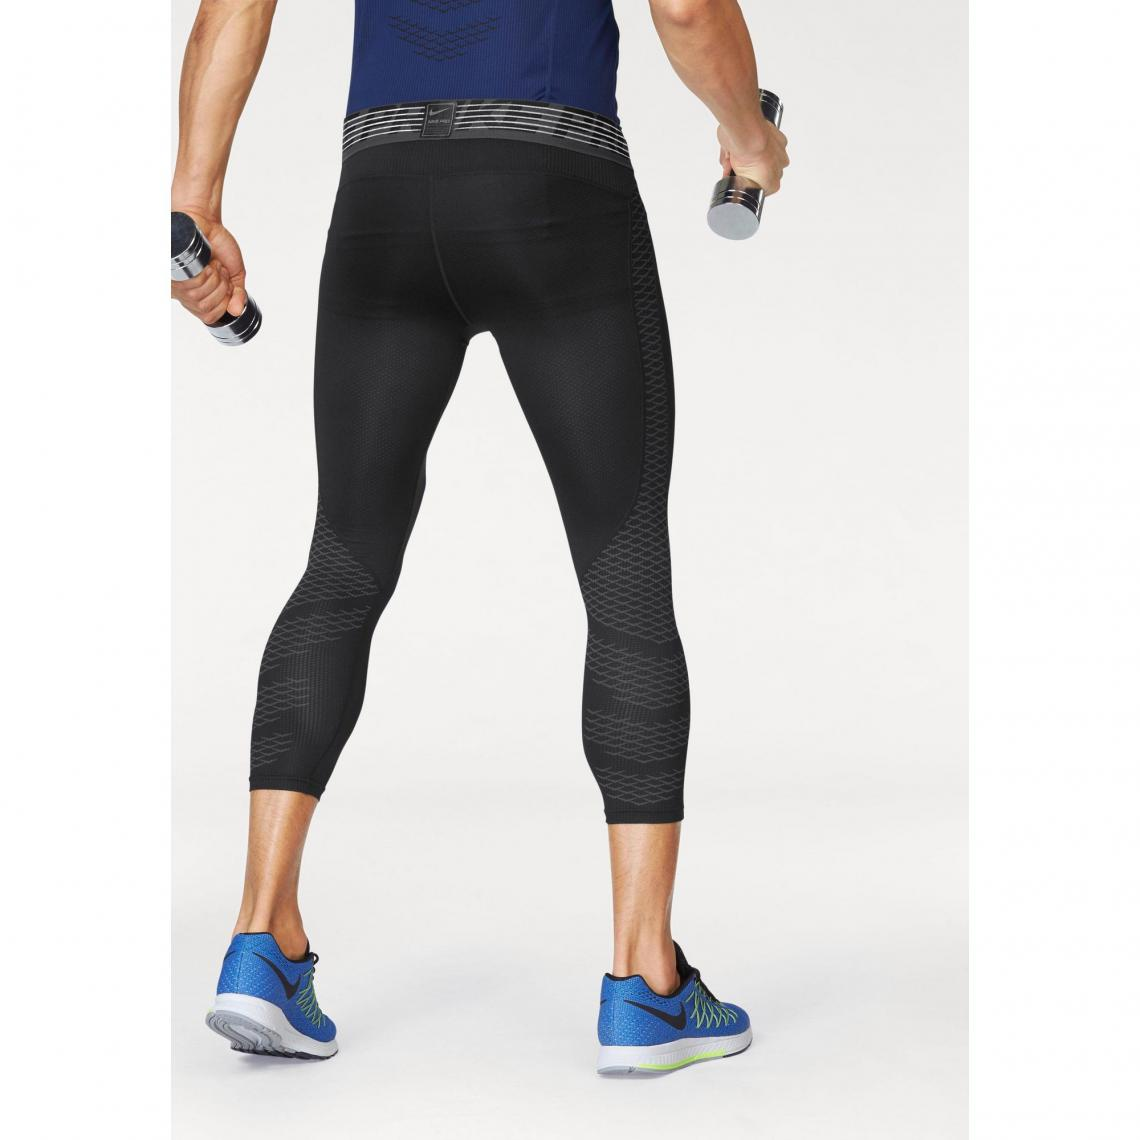 Shorts de sport homme Nike Cliquez l image pour l agrandir. Collant de  sport 34 homme Pro Hypercool Tight 3QT Nike - Noir Nike 98bbaf5f0b7